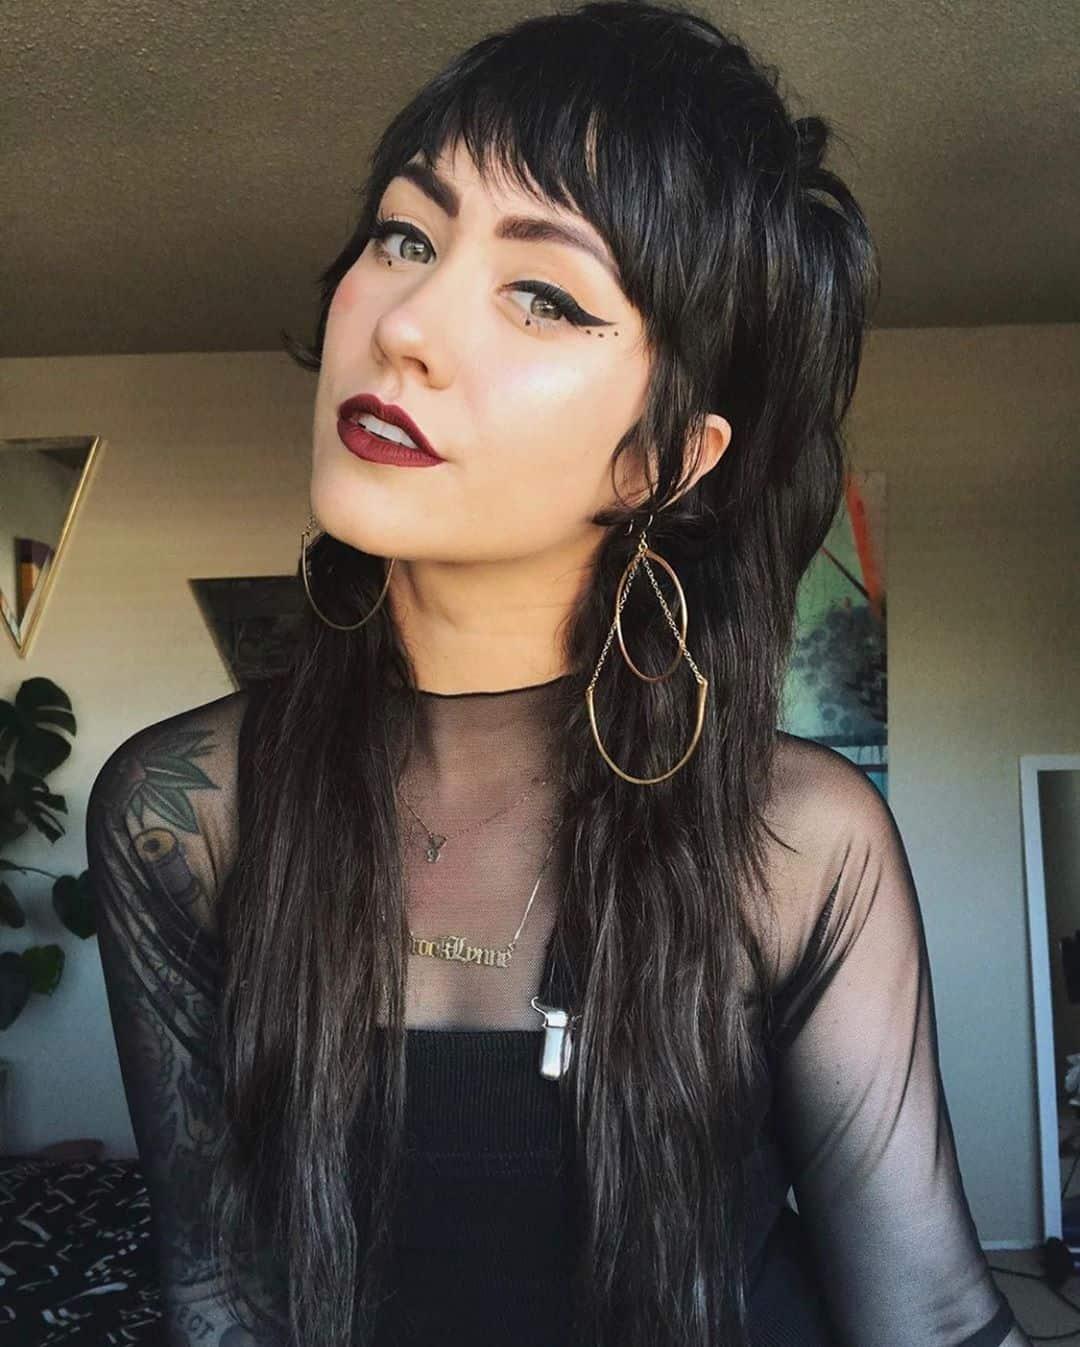 Mullets: conheça esse corte de cabelo que voltou em 2021